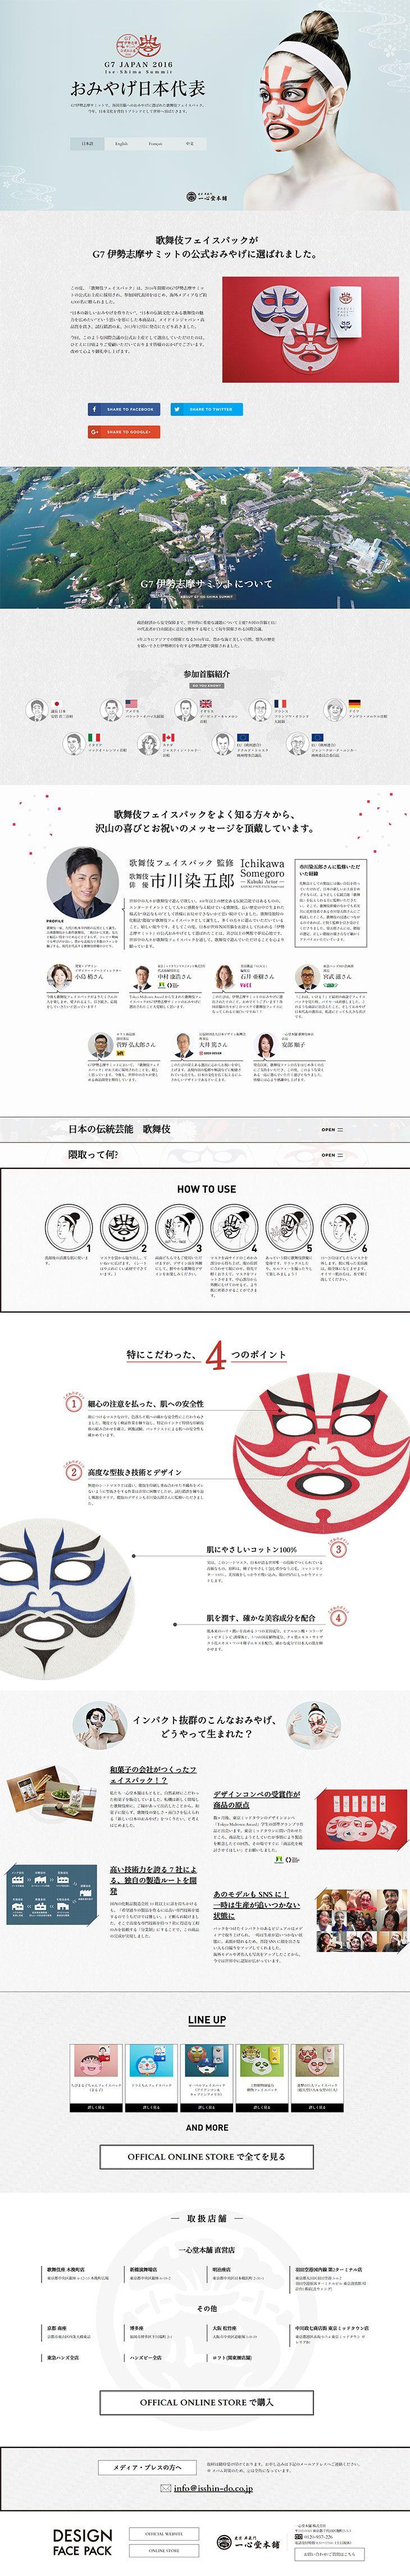 おみやげ日本代表【スキンケア・美容商品関連】のLPデザイン。WEBデザイナーさん必見!ランディングページのデザイン参考に(アート・芸術系)